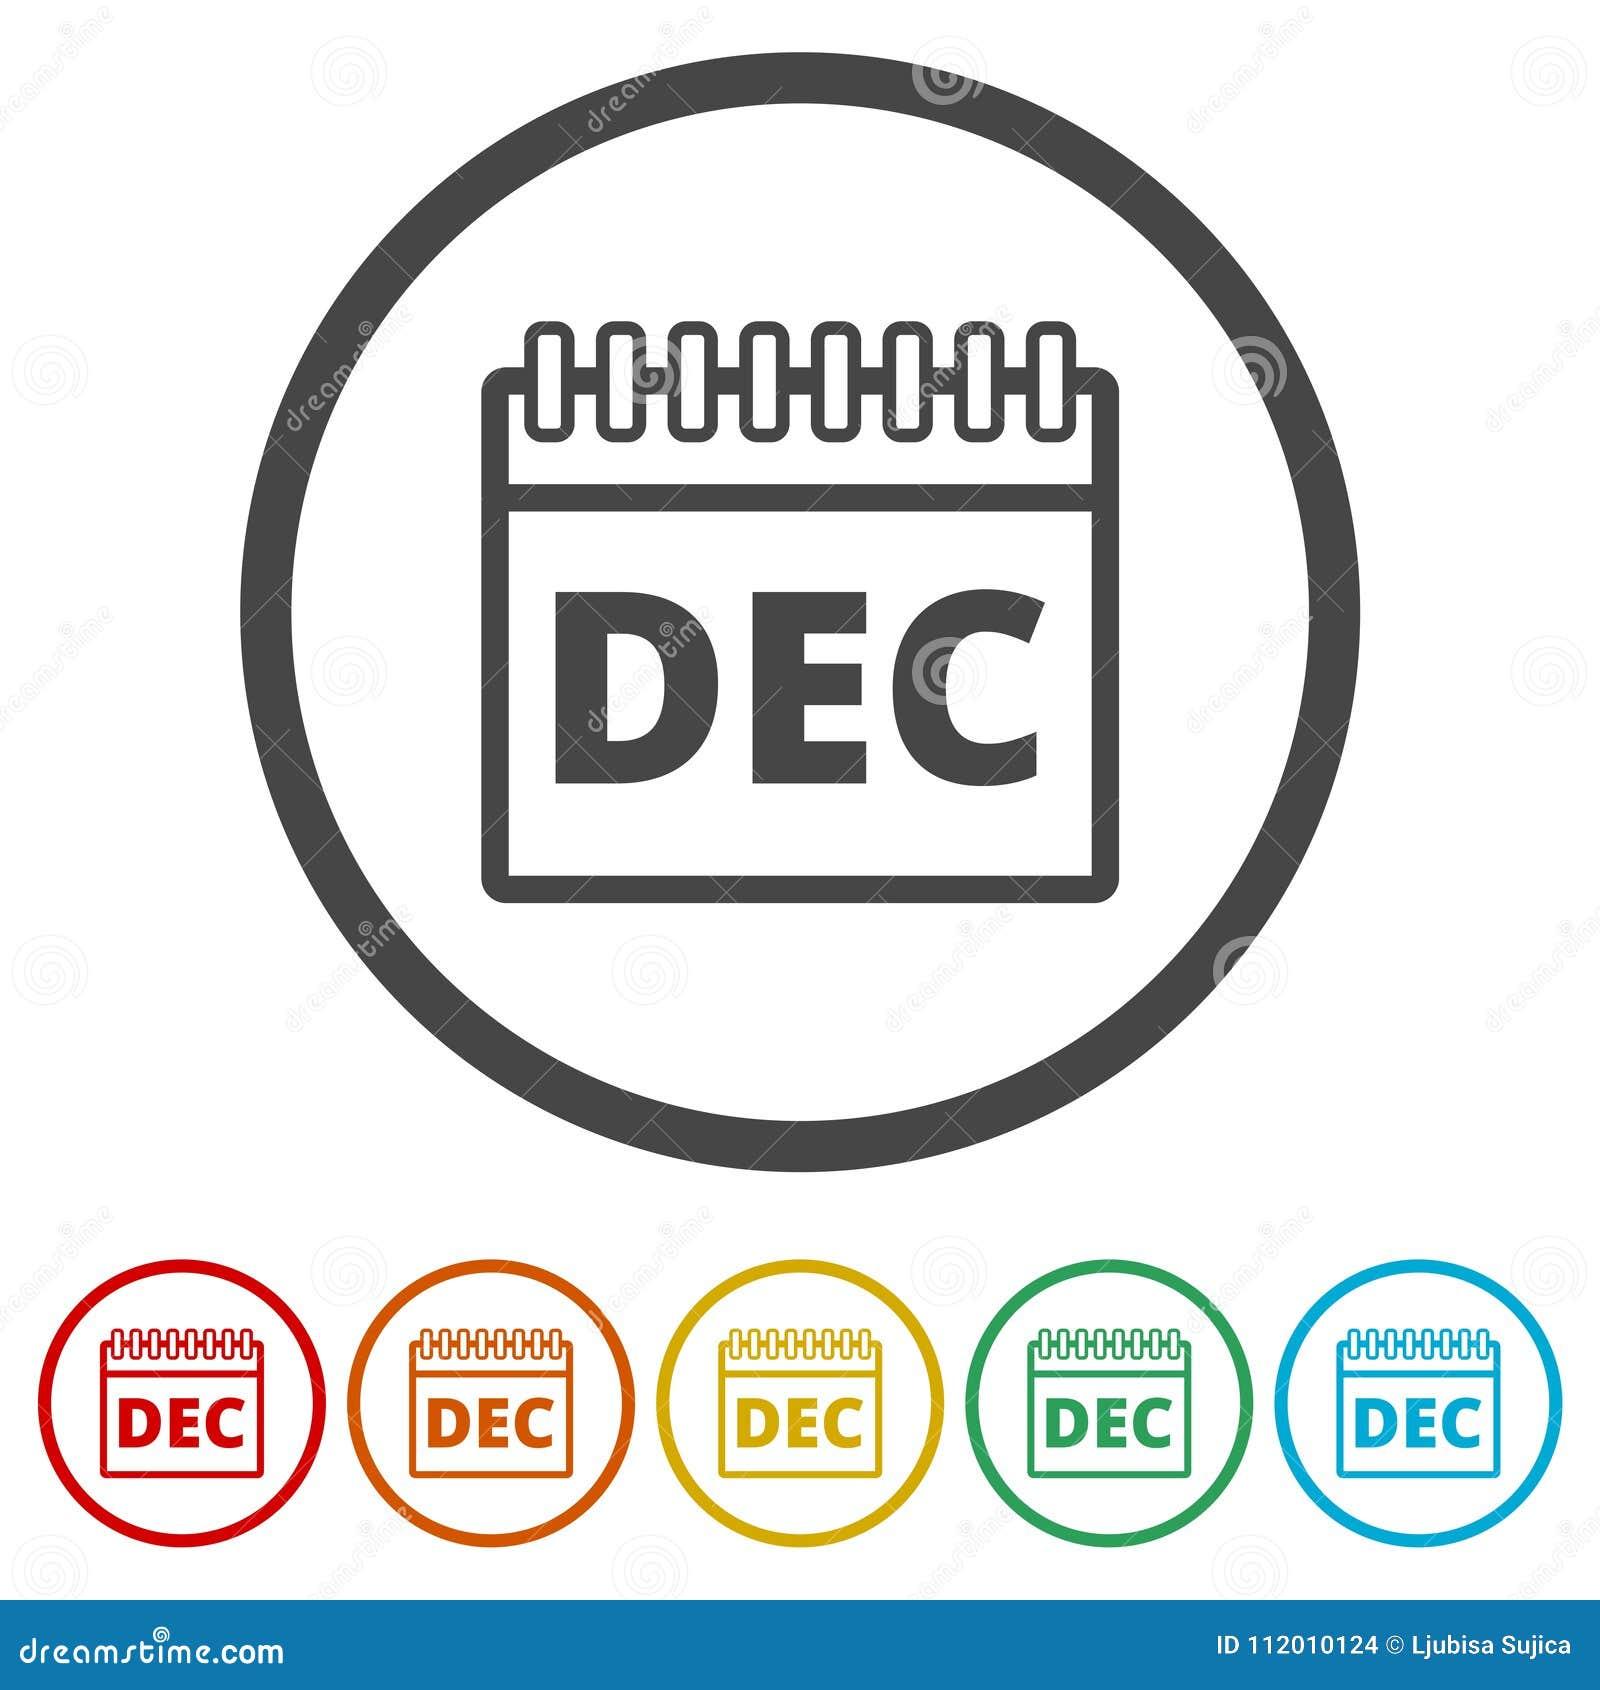 Simbolo De Calendario.Icona Del Calendario Di Dicembre Segno Del Calendario